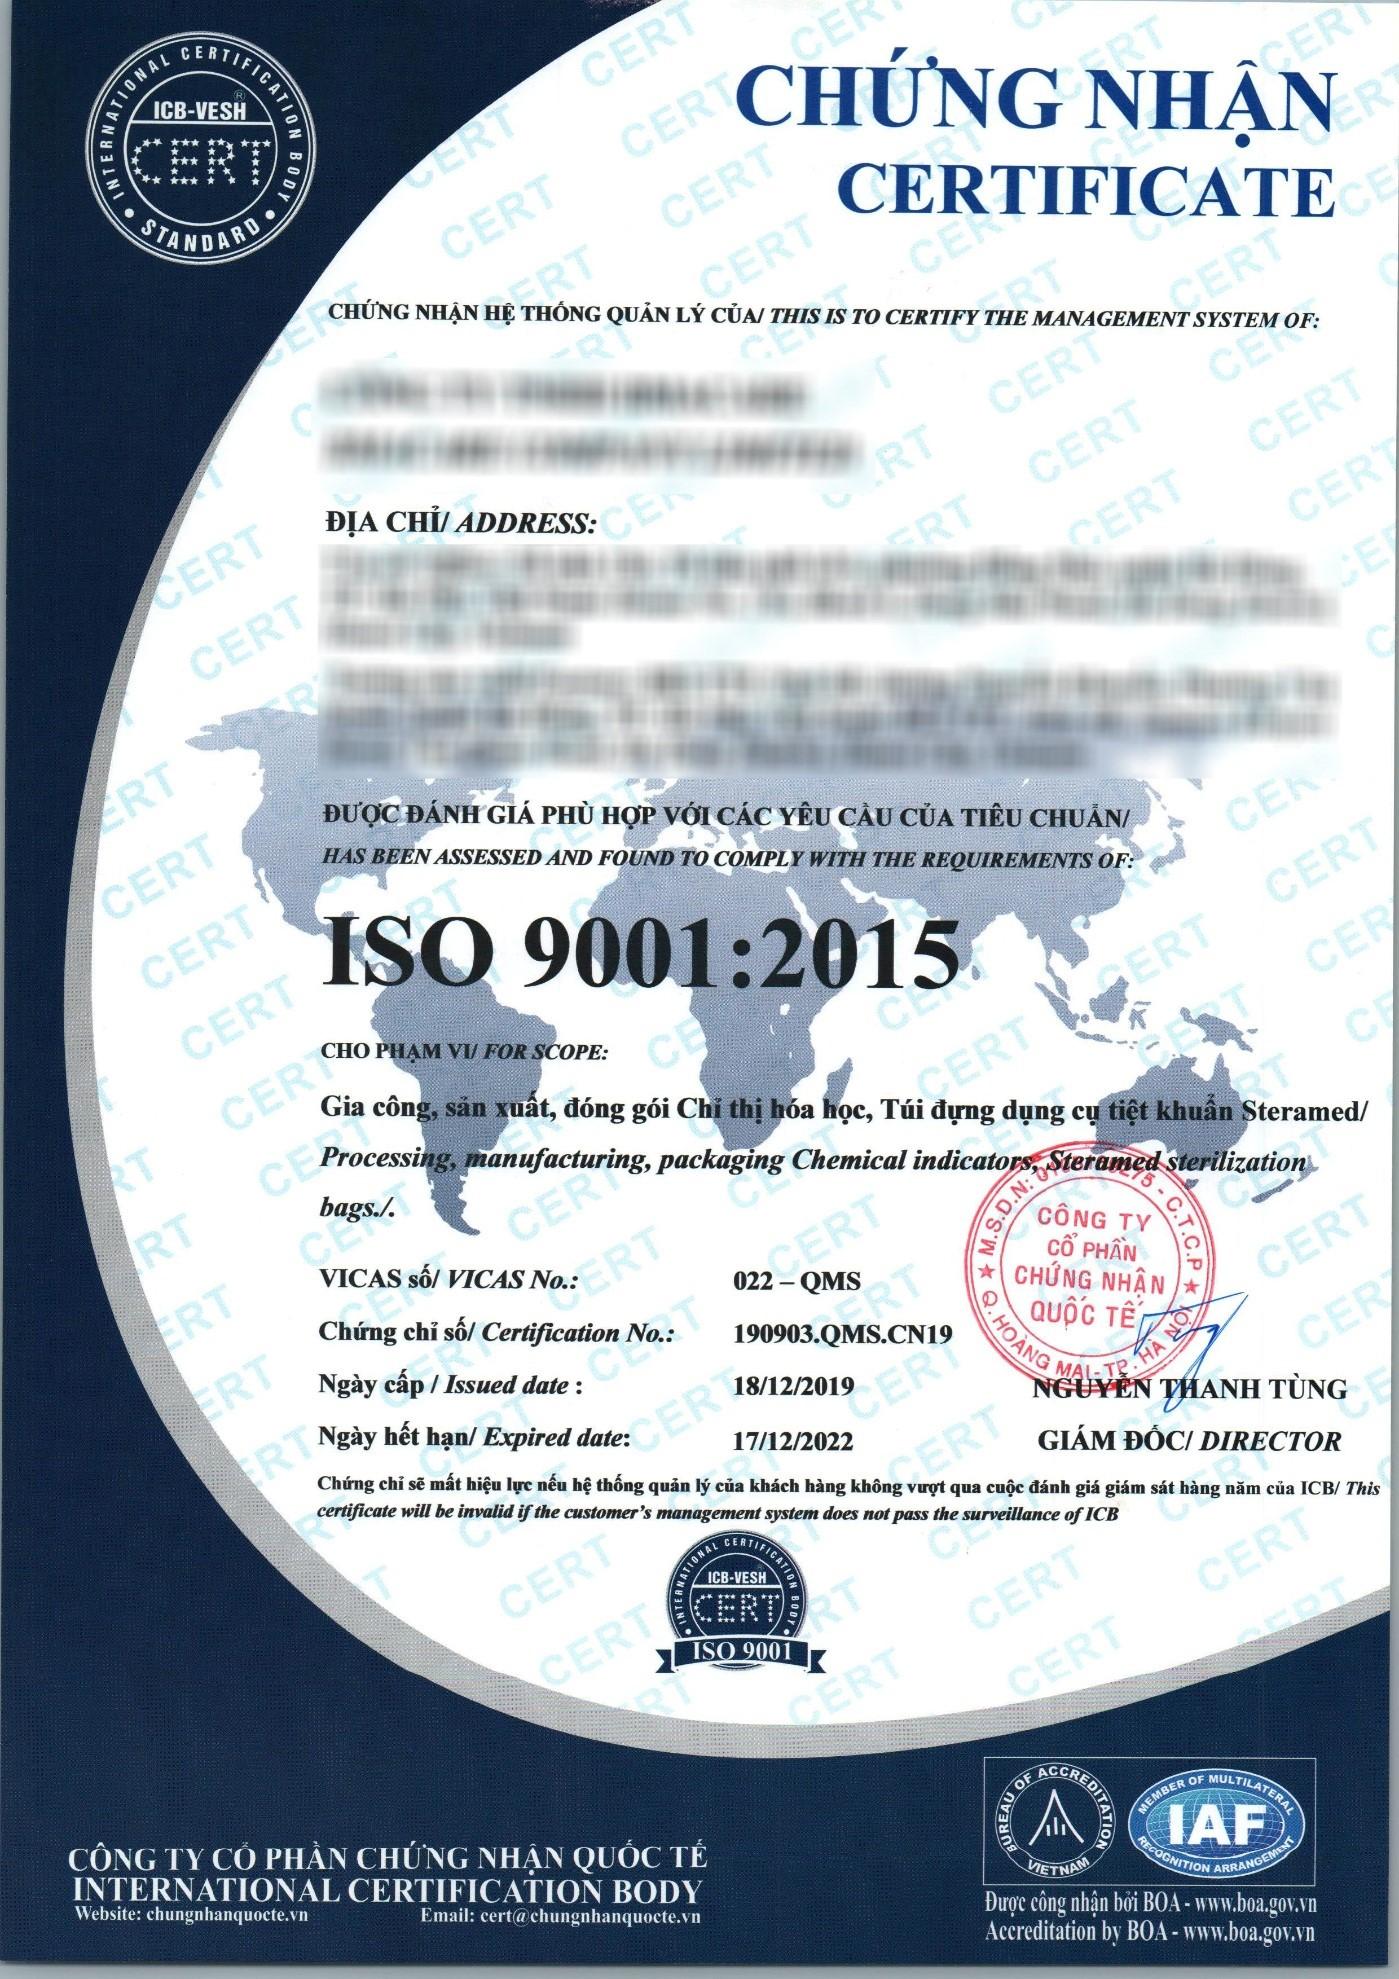 Mẫu chứng chỉ ISO 13485:2016